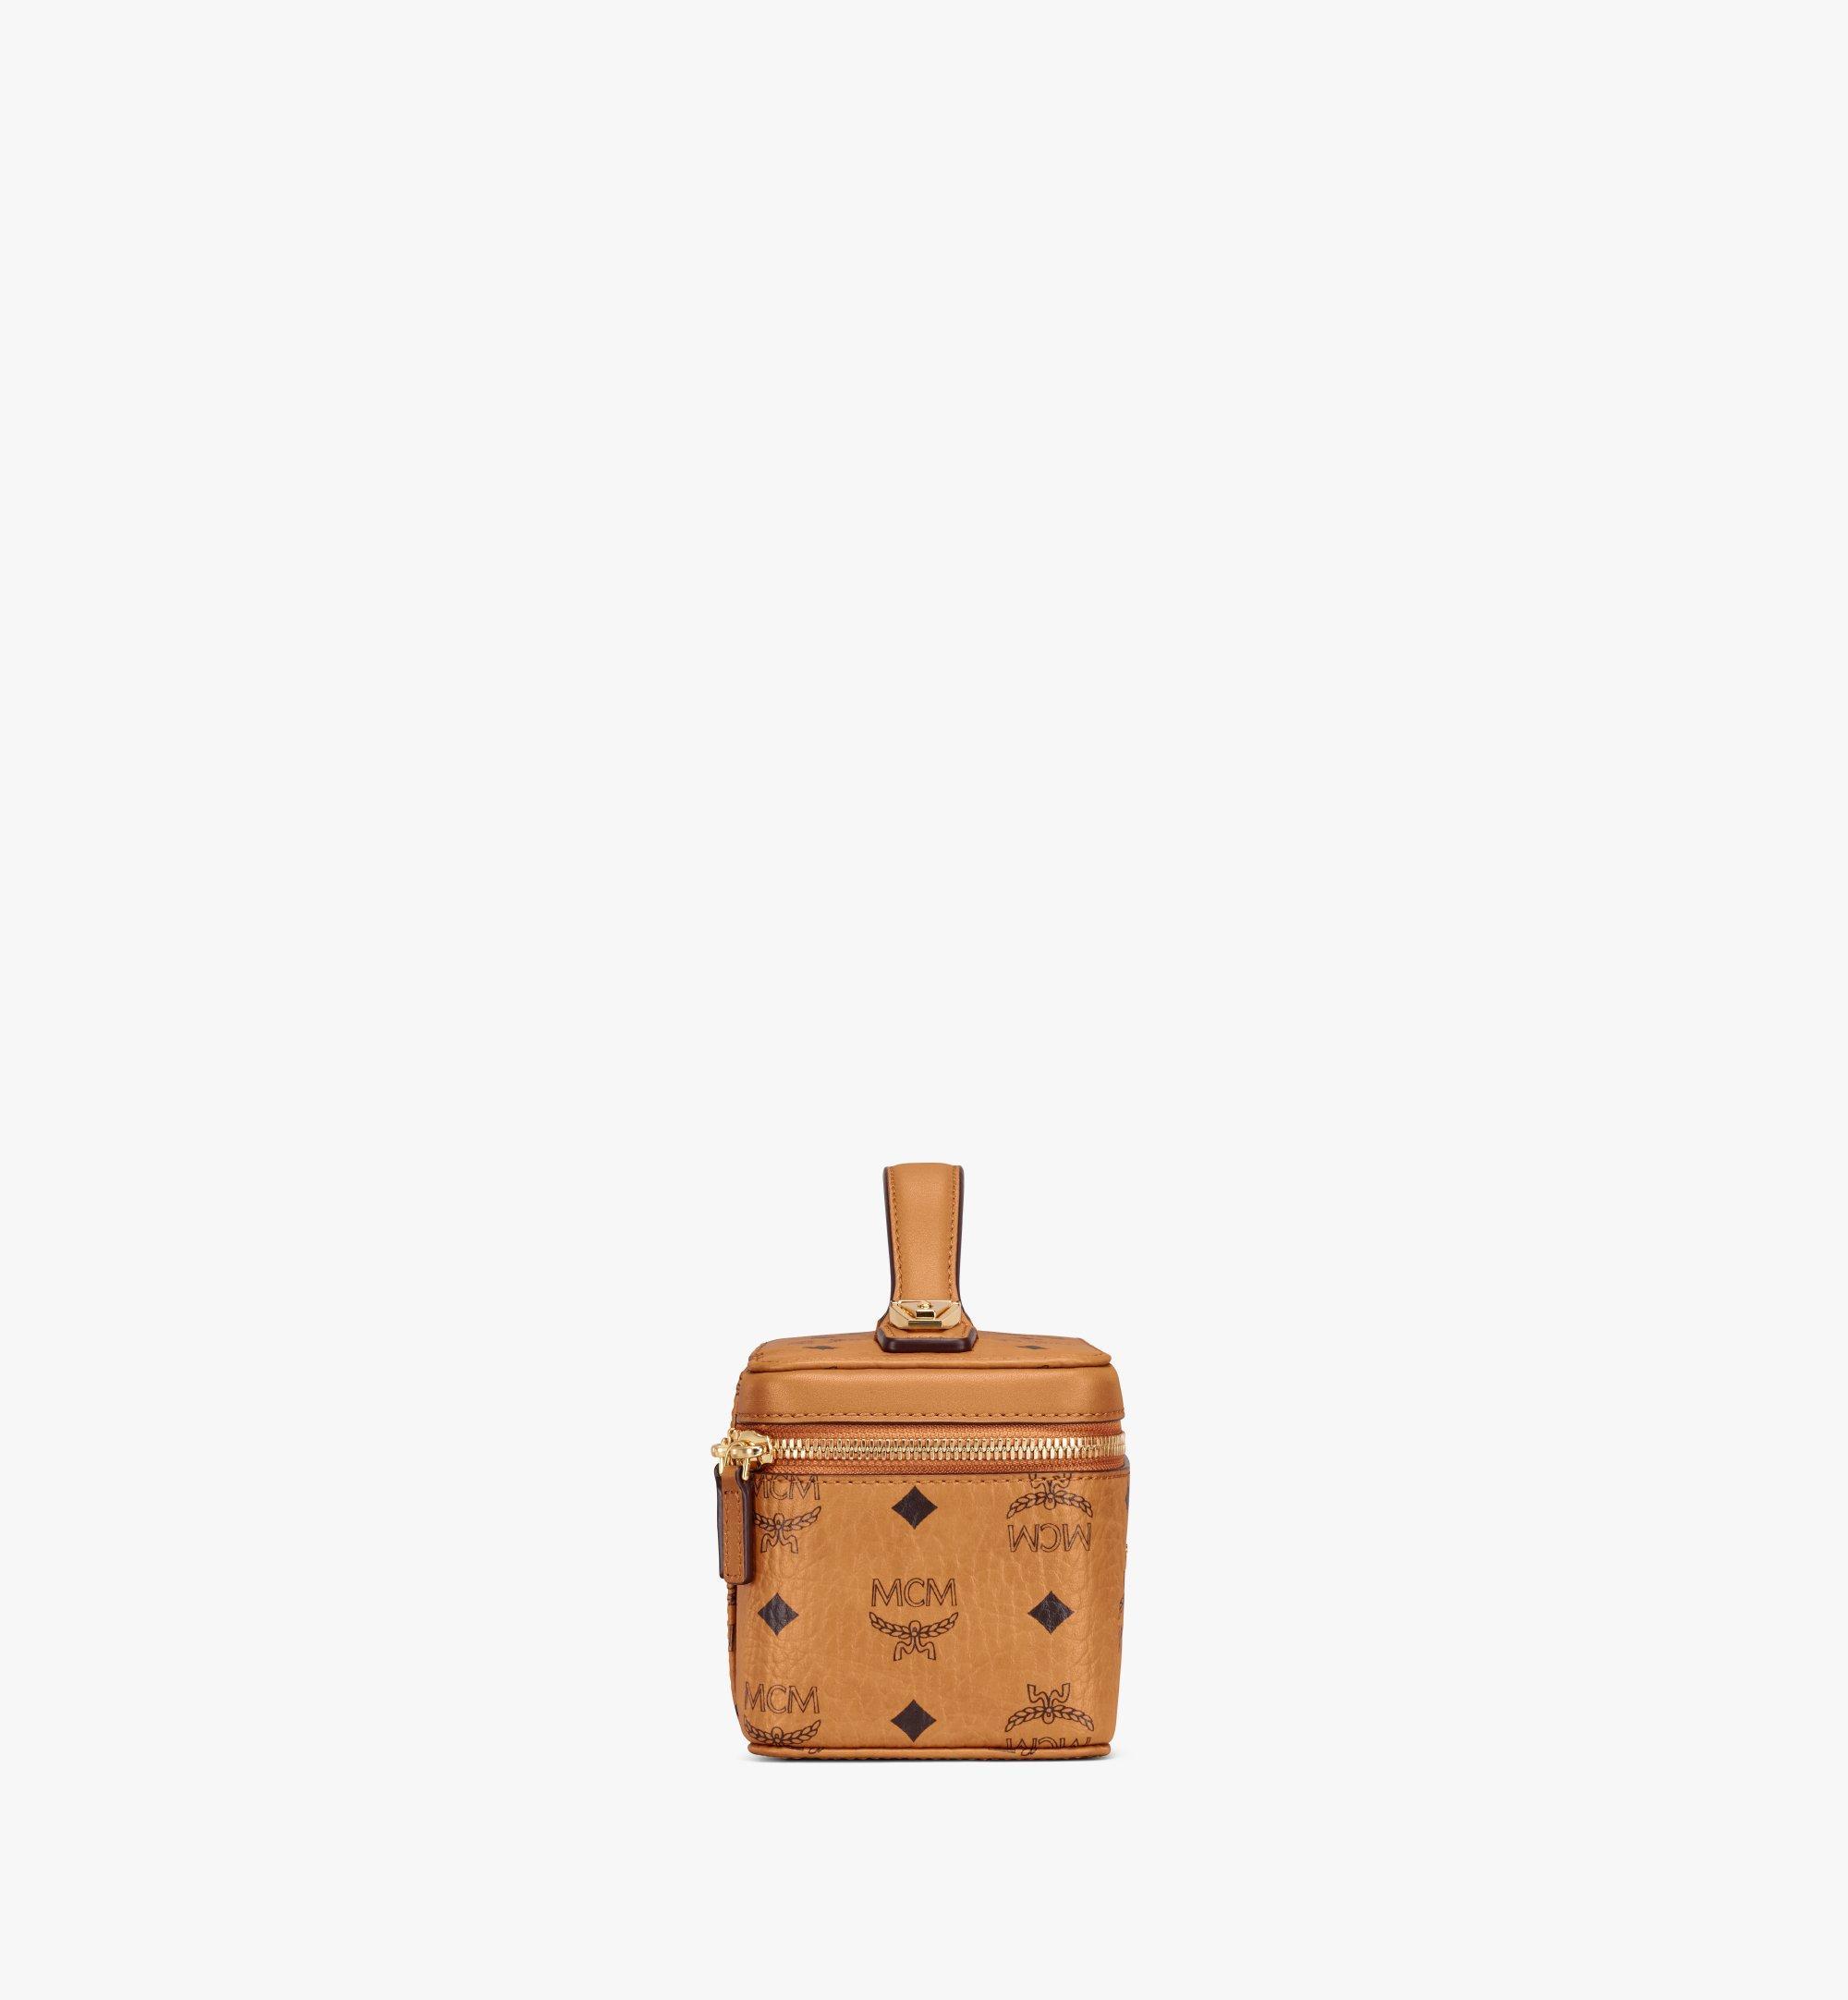 MCM Vanity-case Rockstar en Visetos Original Cognac MWRAAVI01CO001 Plus de photos 1